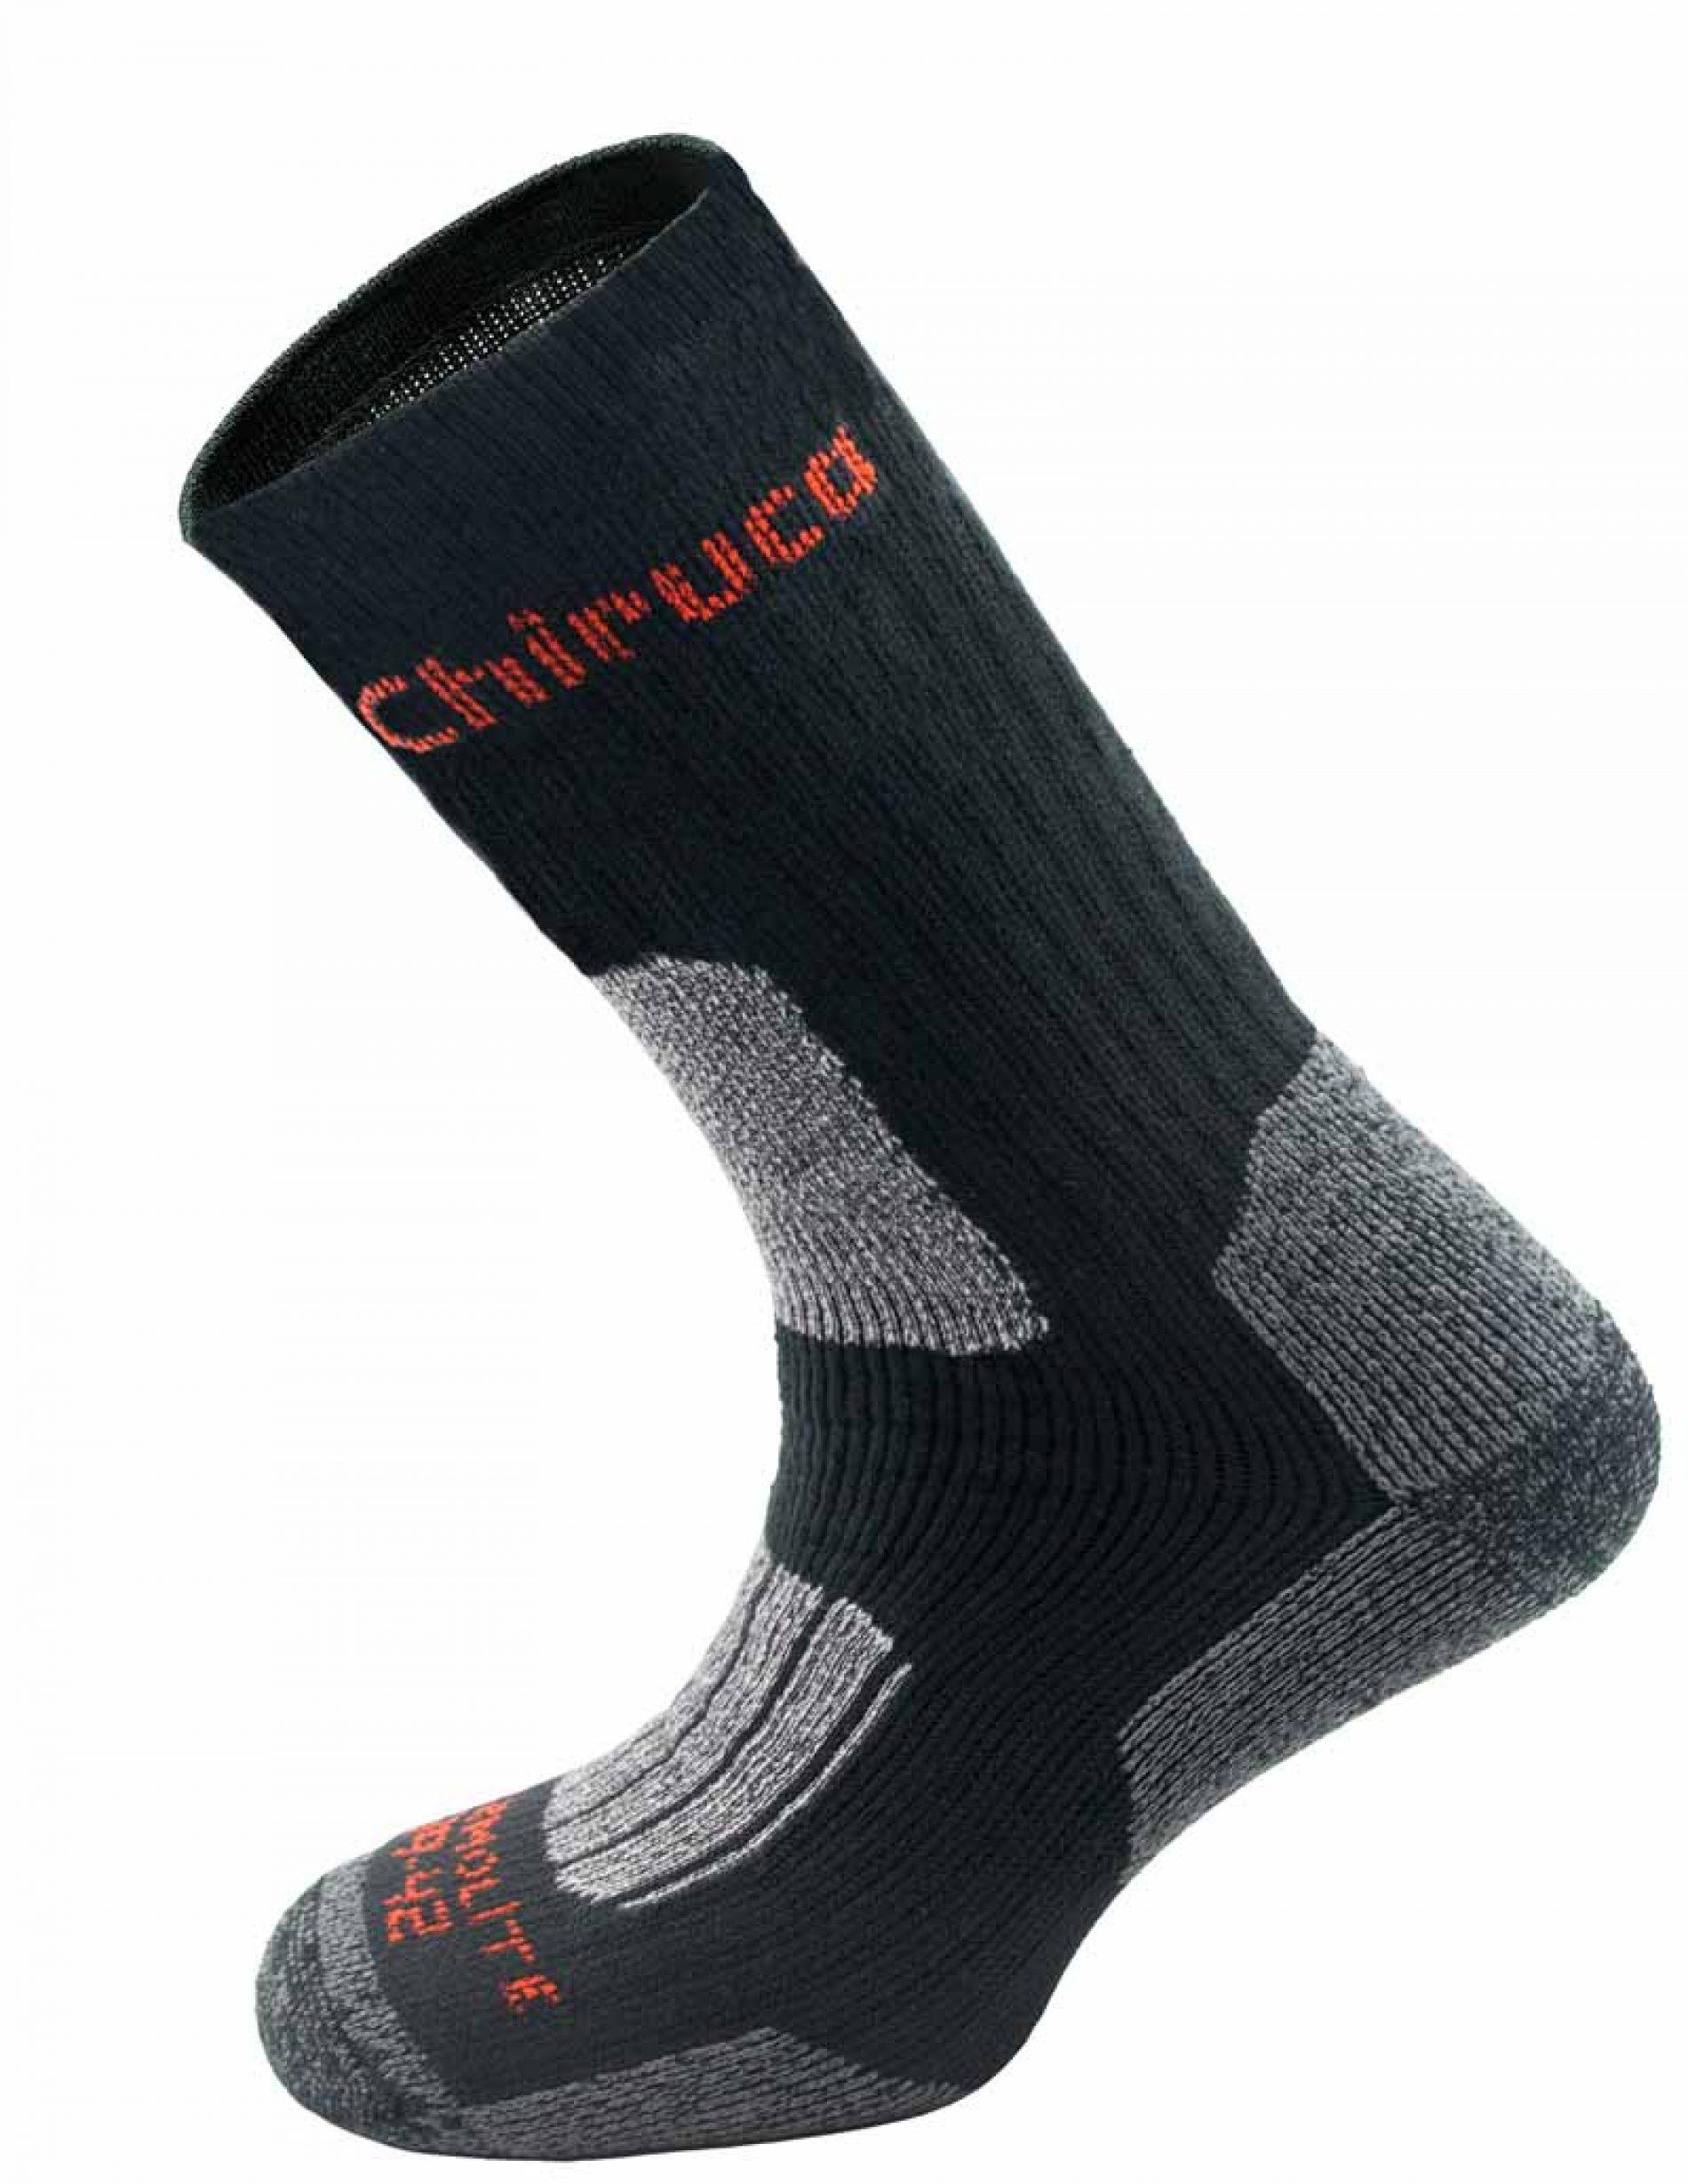 Nuevo calcetín antiampollas de Chiruca®